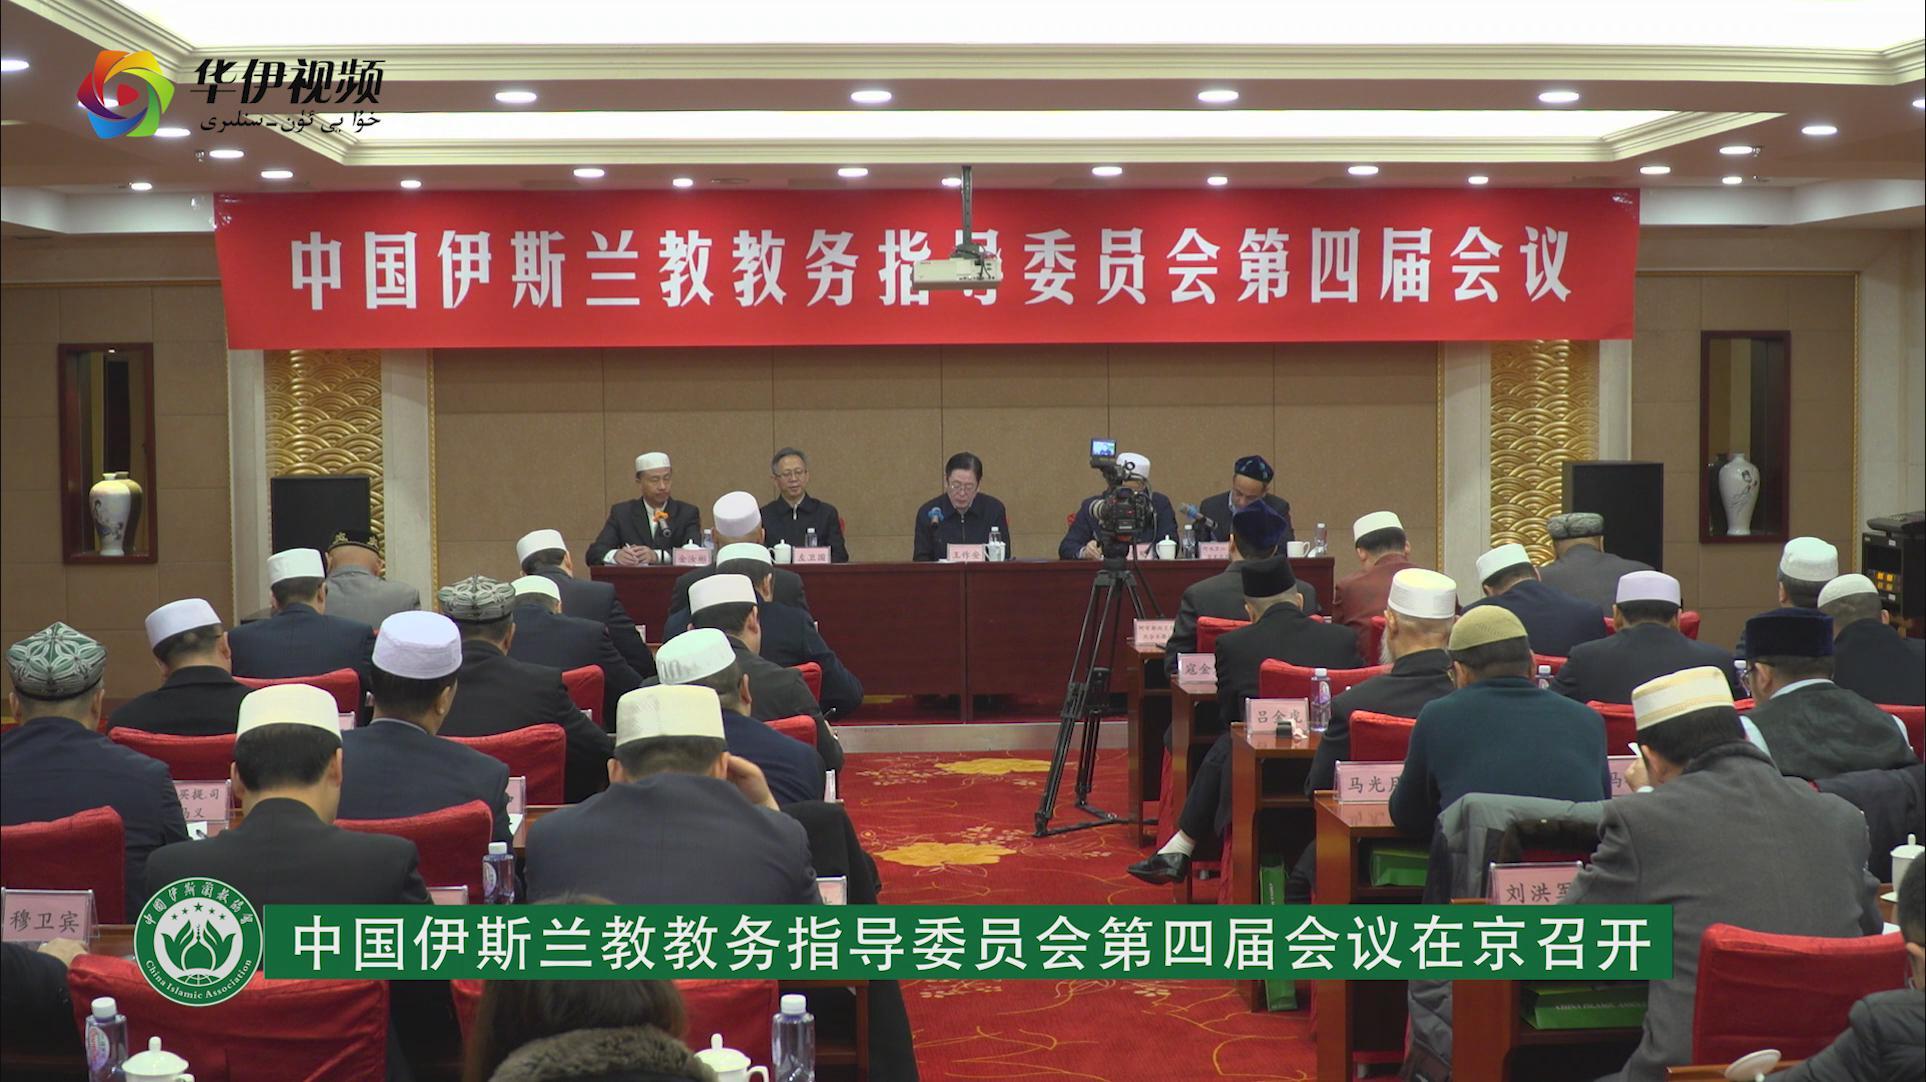 中国伊斯兰教教务指导委员会第四届会议在京召开